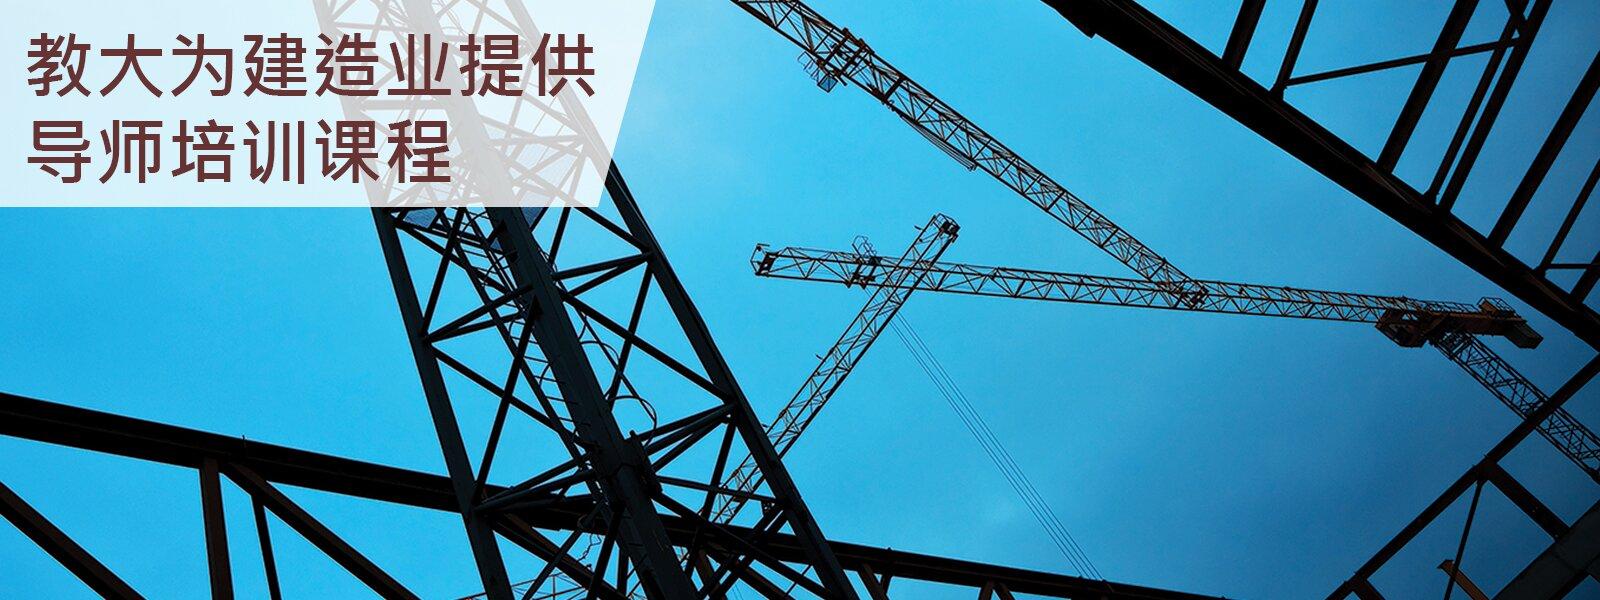 教大为建造业提供导师培训课程